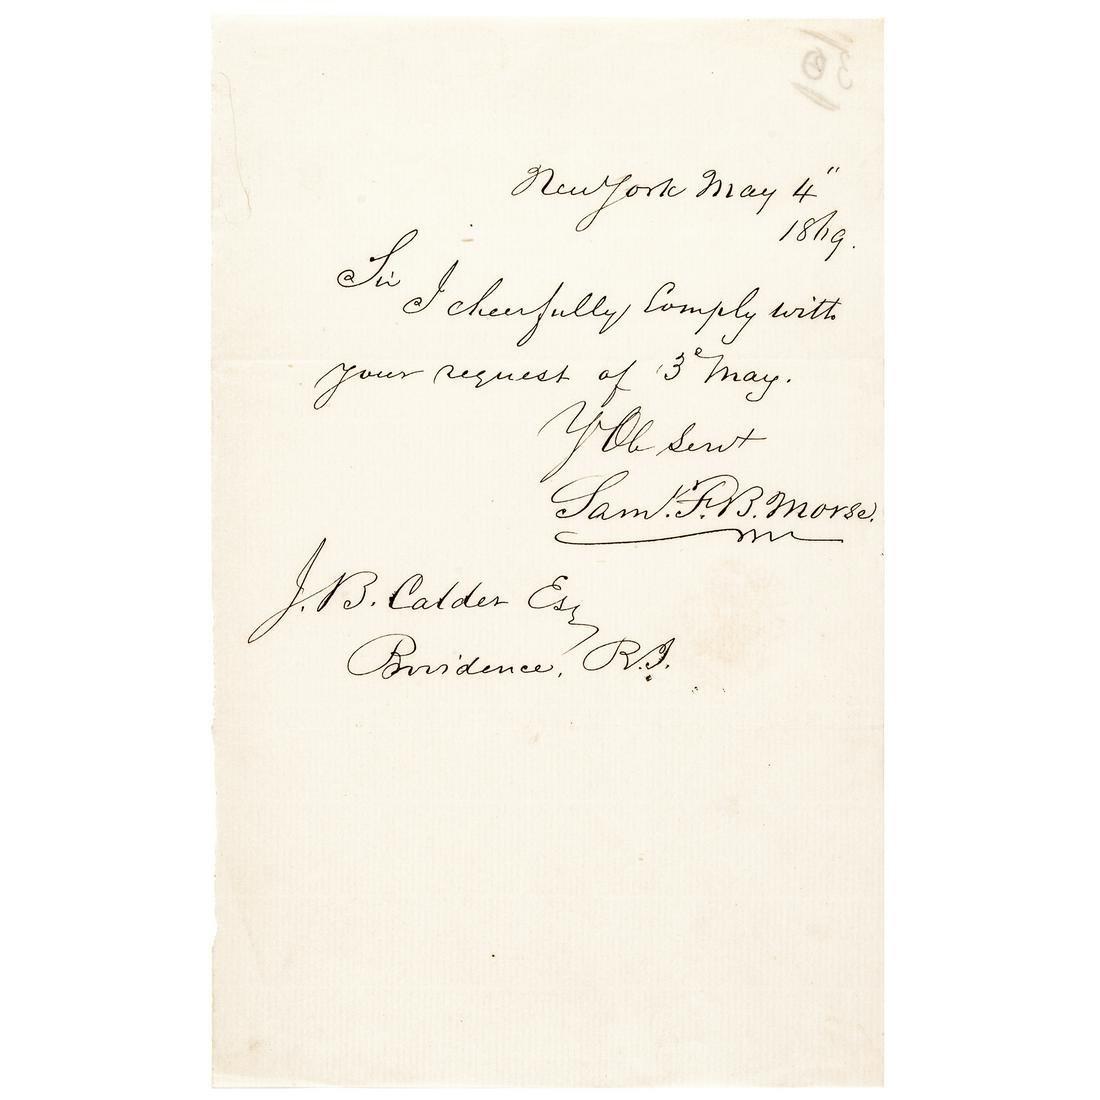 SAMUEL F. B. MORSE 1869 Autograph Letter Signed